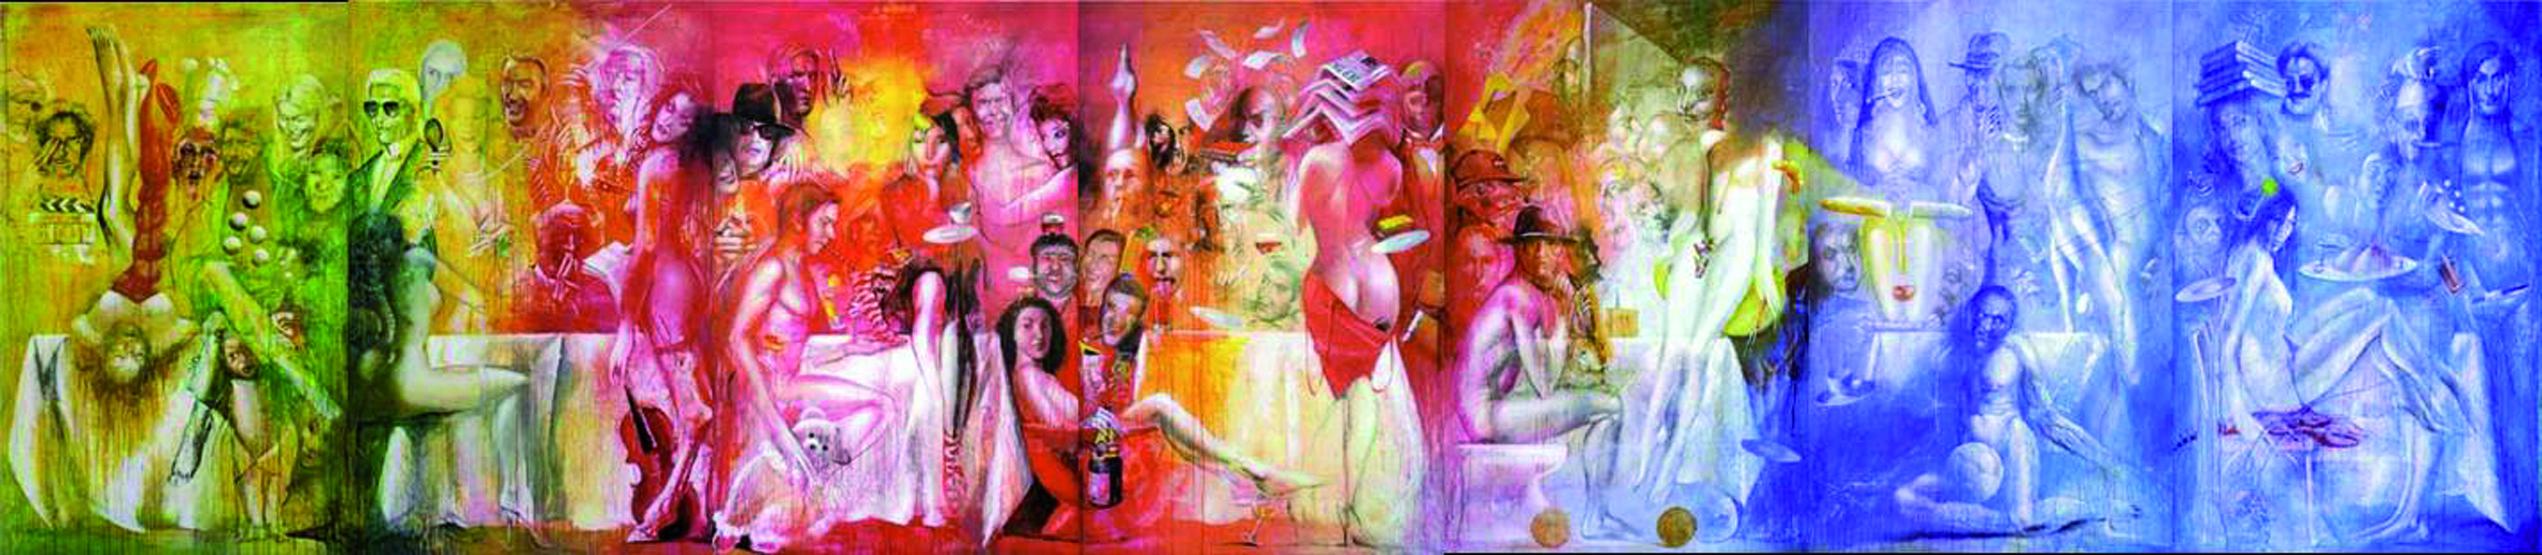 Paris Bar und mehr - Arbeiten von Dimitri Vojnov